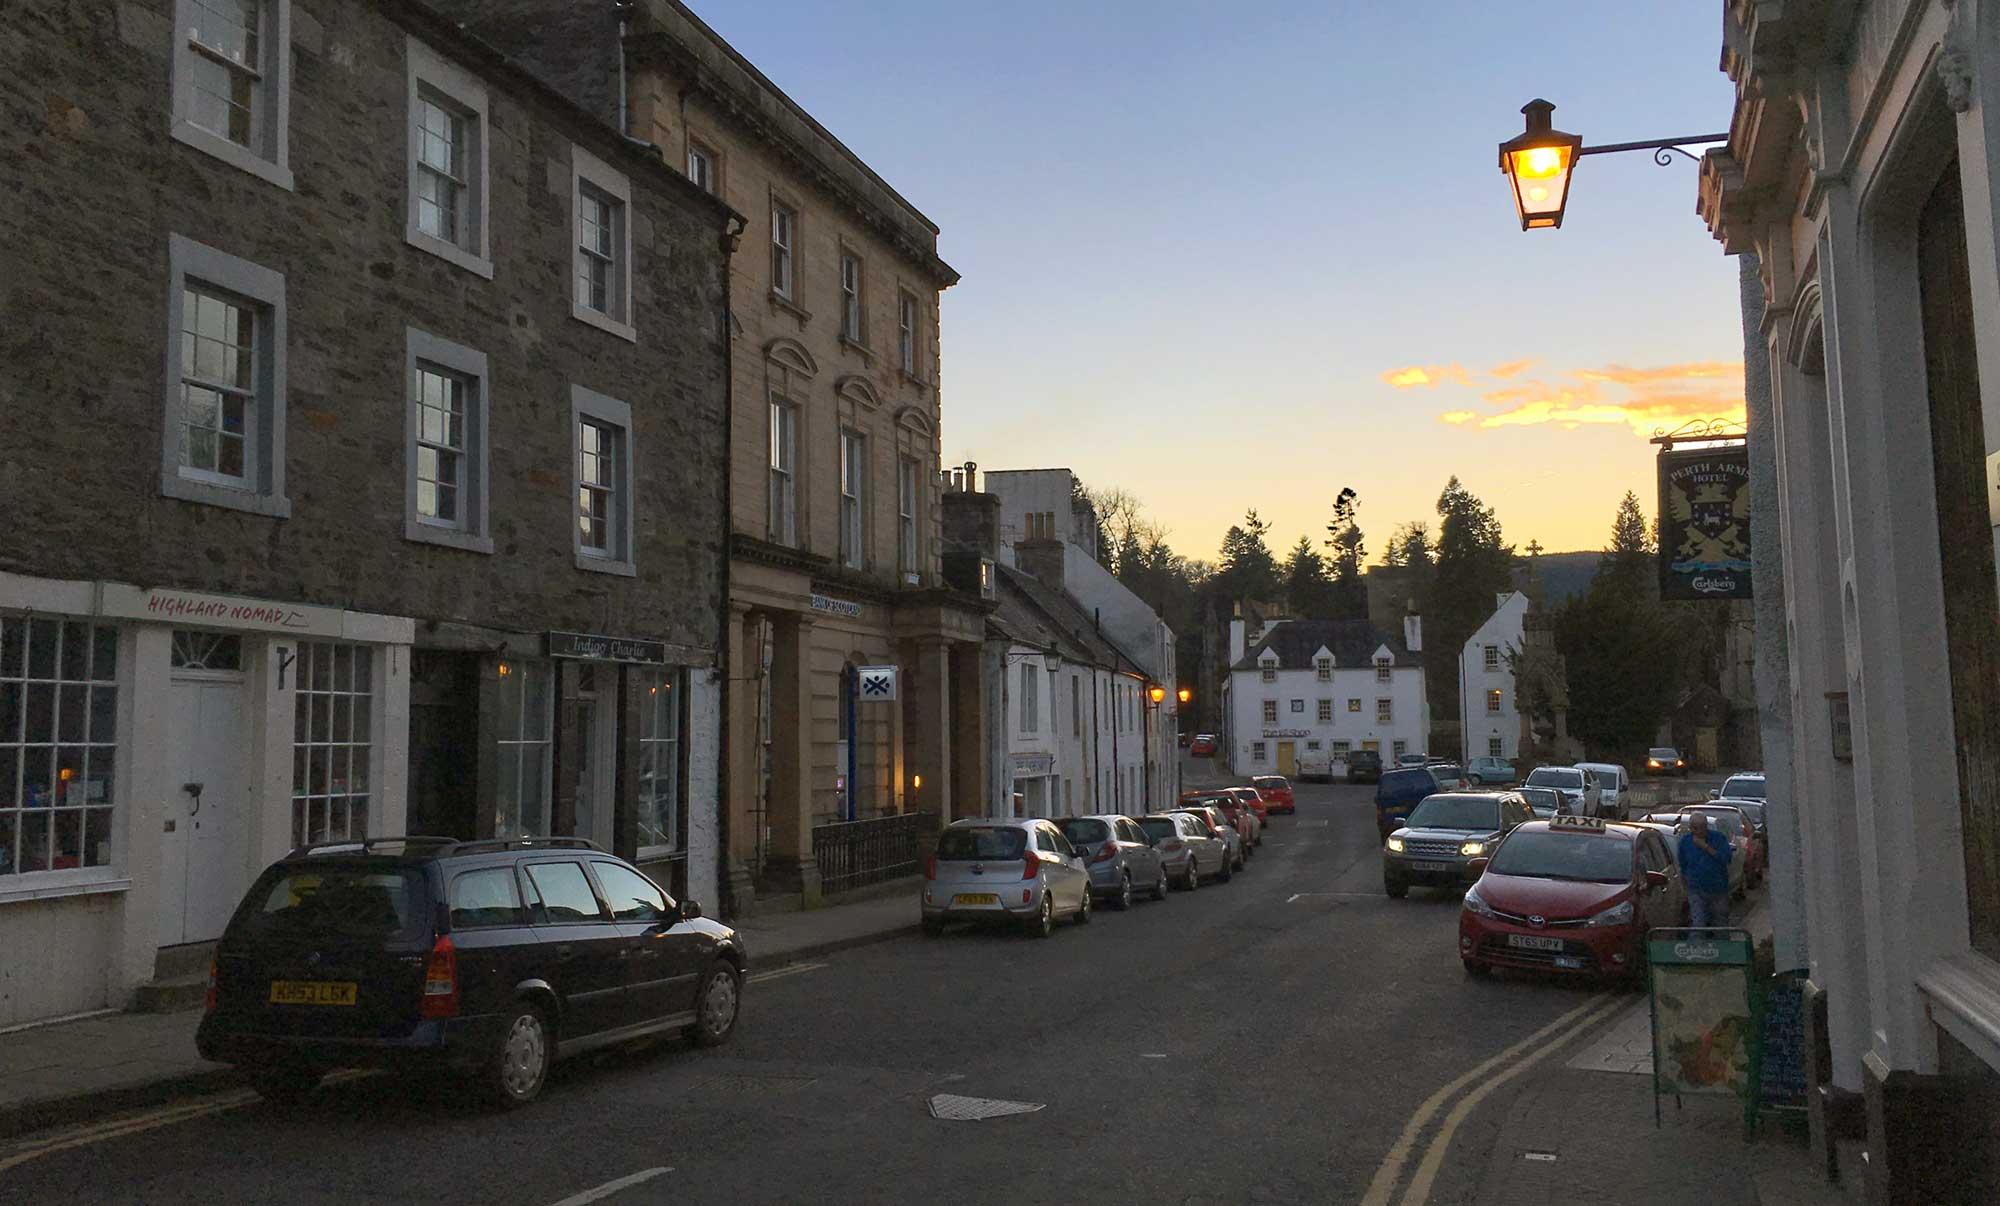 Dunkeld Town